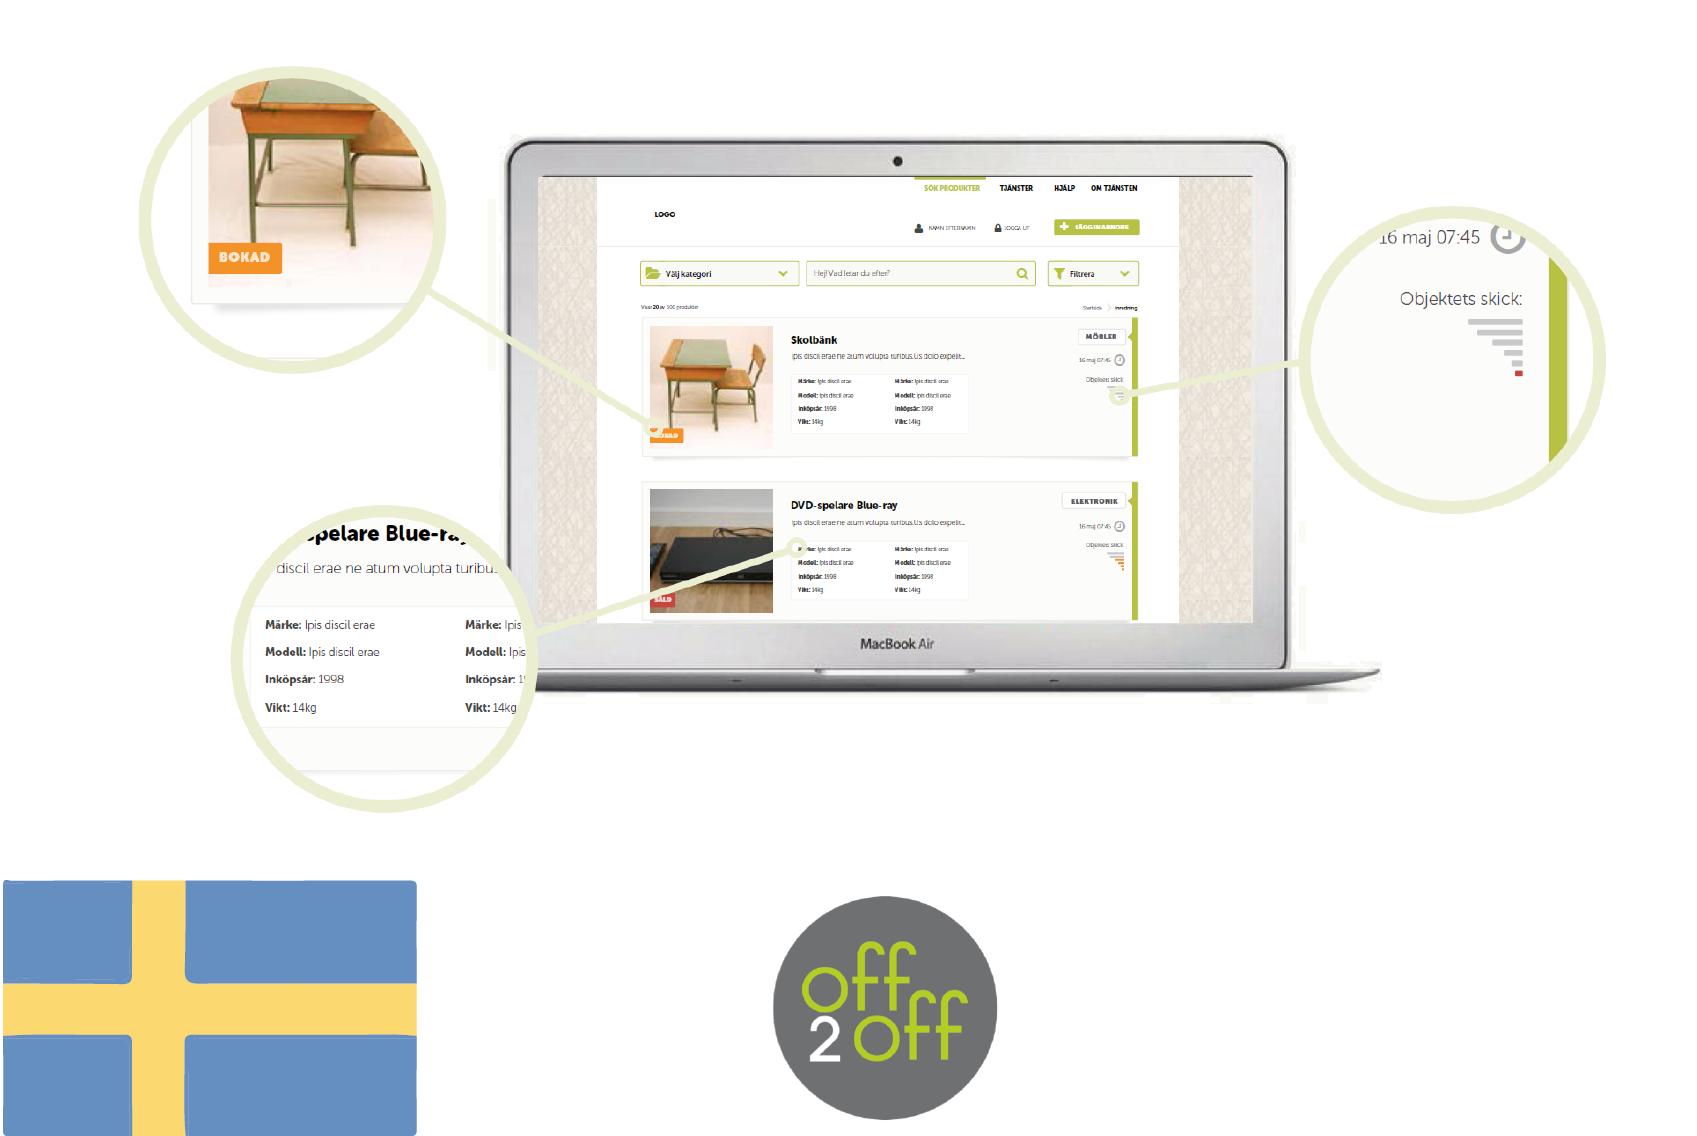 #59 Off2Off - Platform-assisted furniture reuse - CIRCit Nord